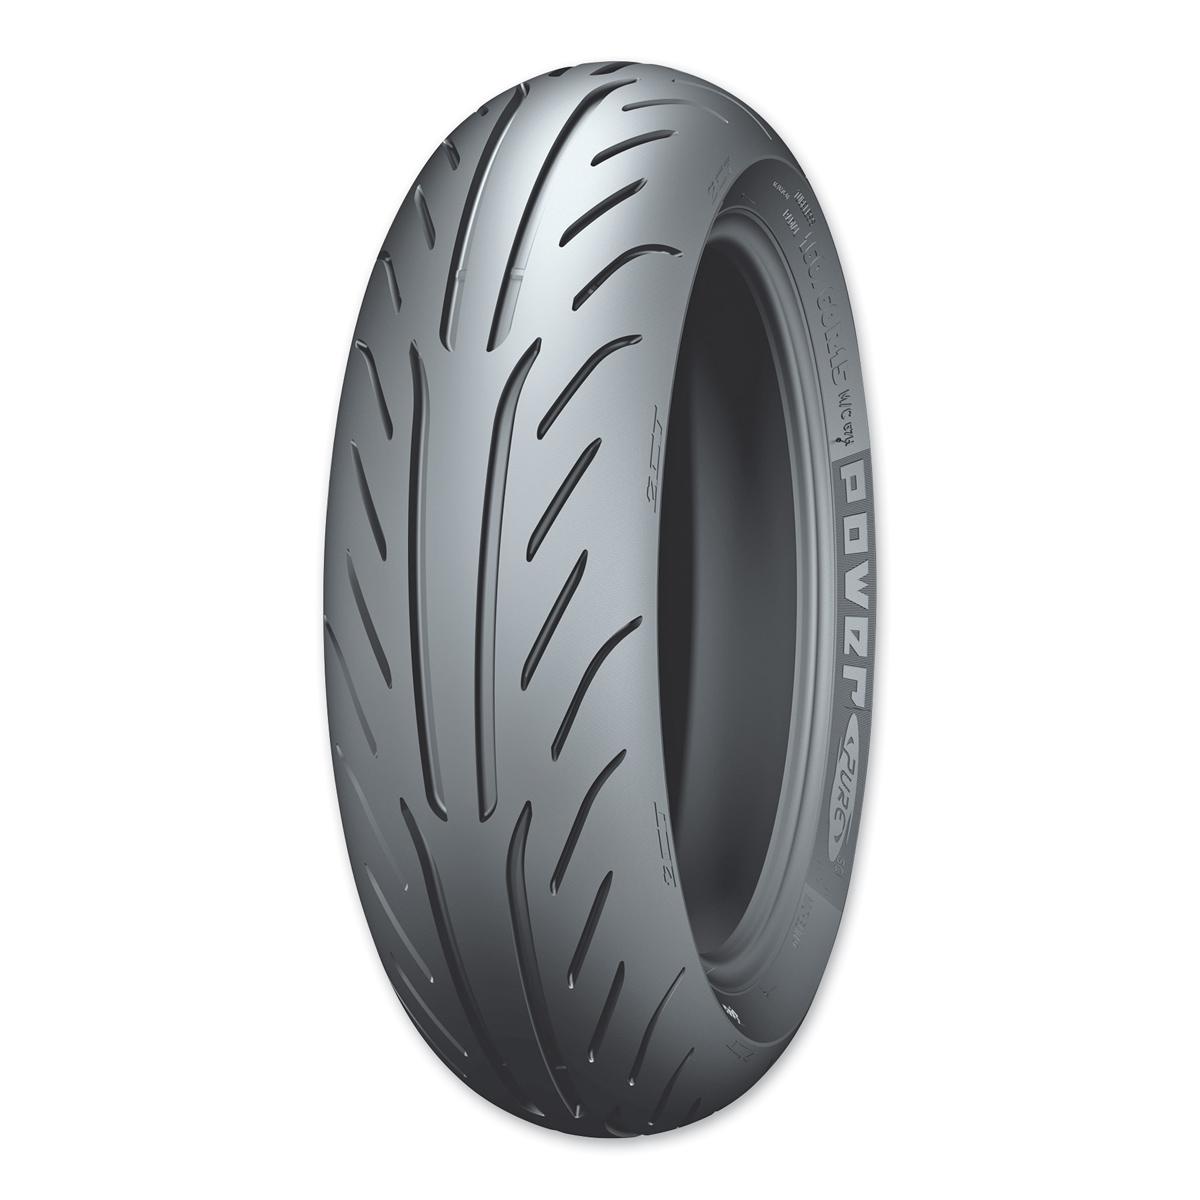 Michelin Power Pure SC 130/80-15 Rear Tire